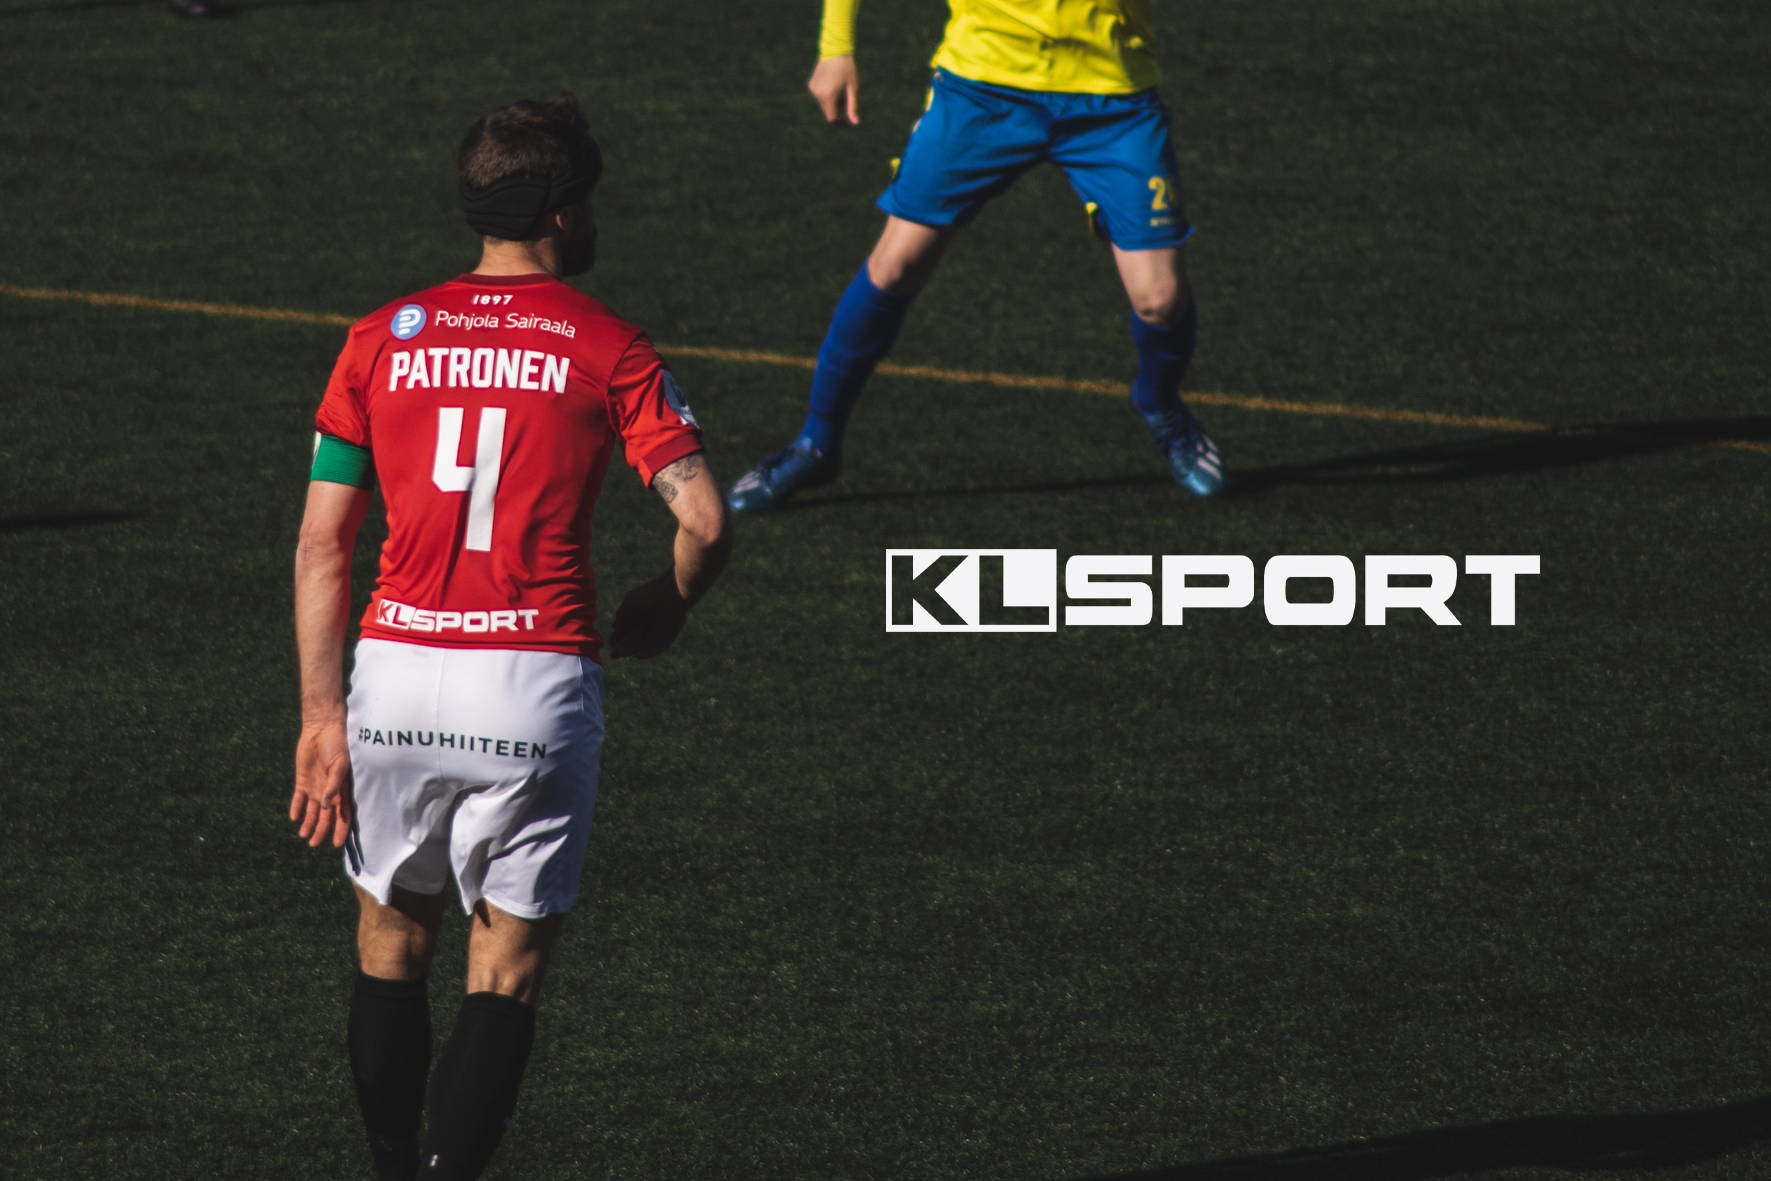 Hannu Patronen KL Sportin kummipelaajaksi